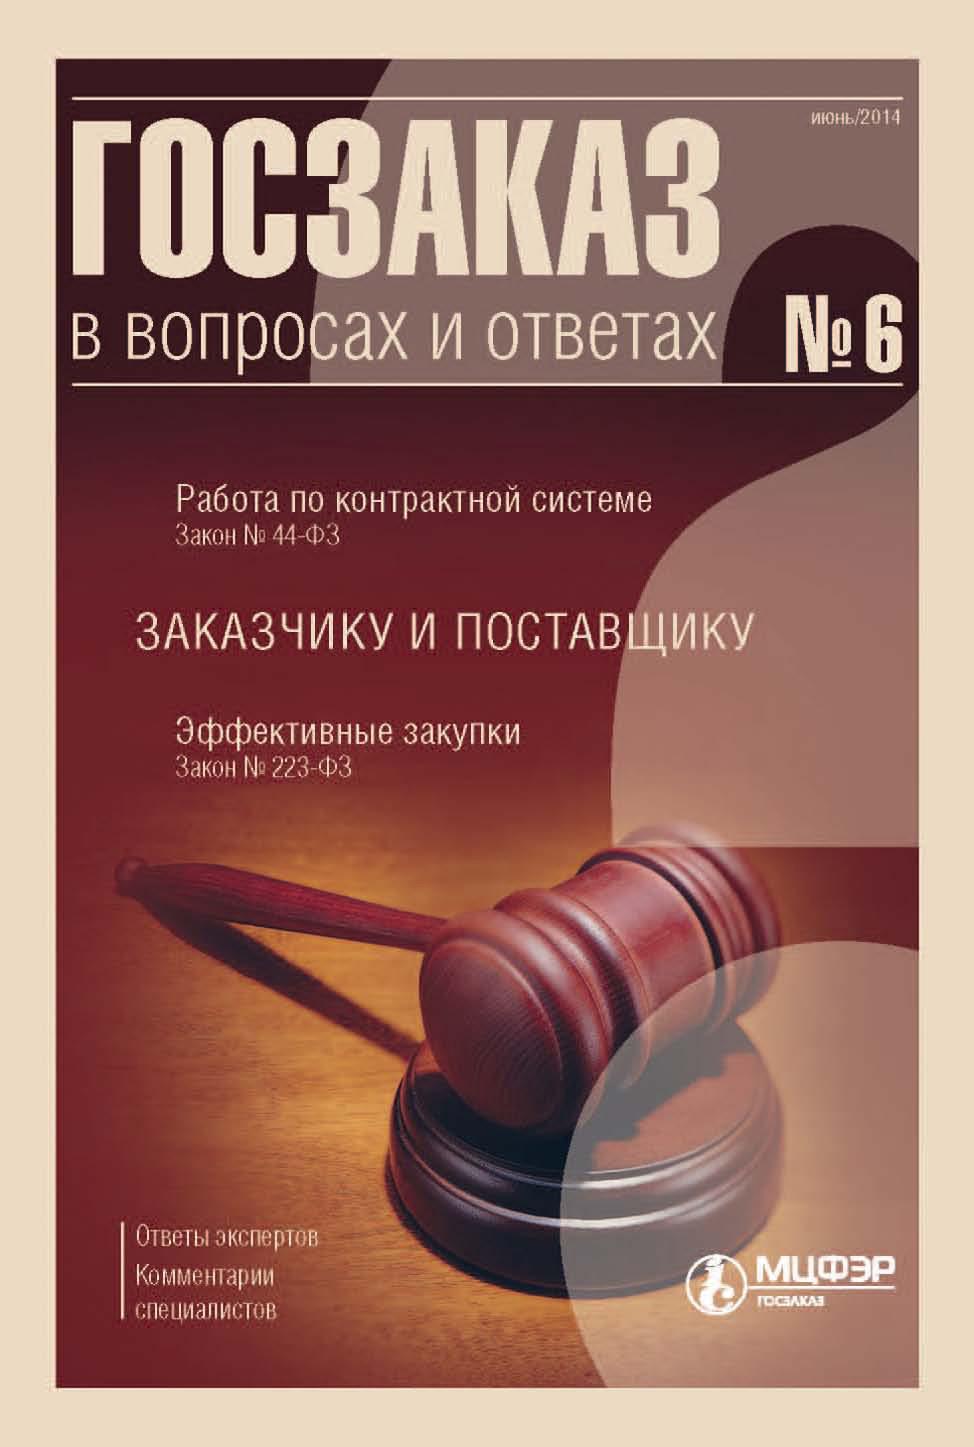 Отсутствует Госзаказ в вопросах и ответах № 6 2014 фильтр filtero fth 41 lge hepa для lg